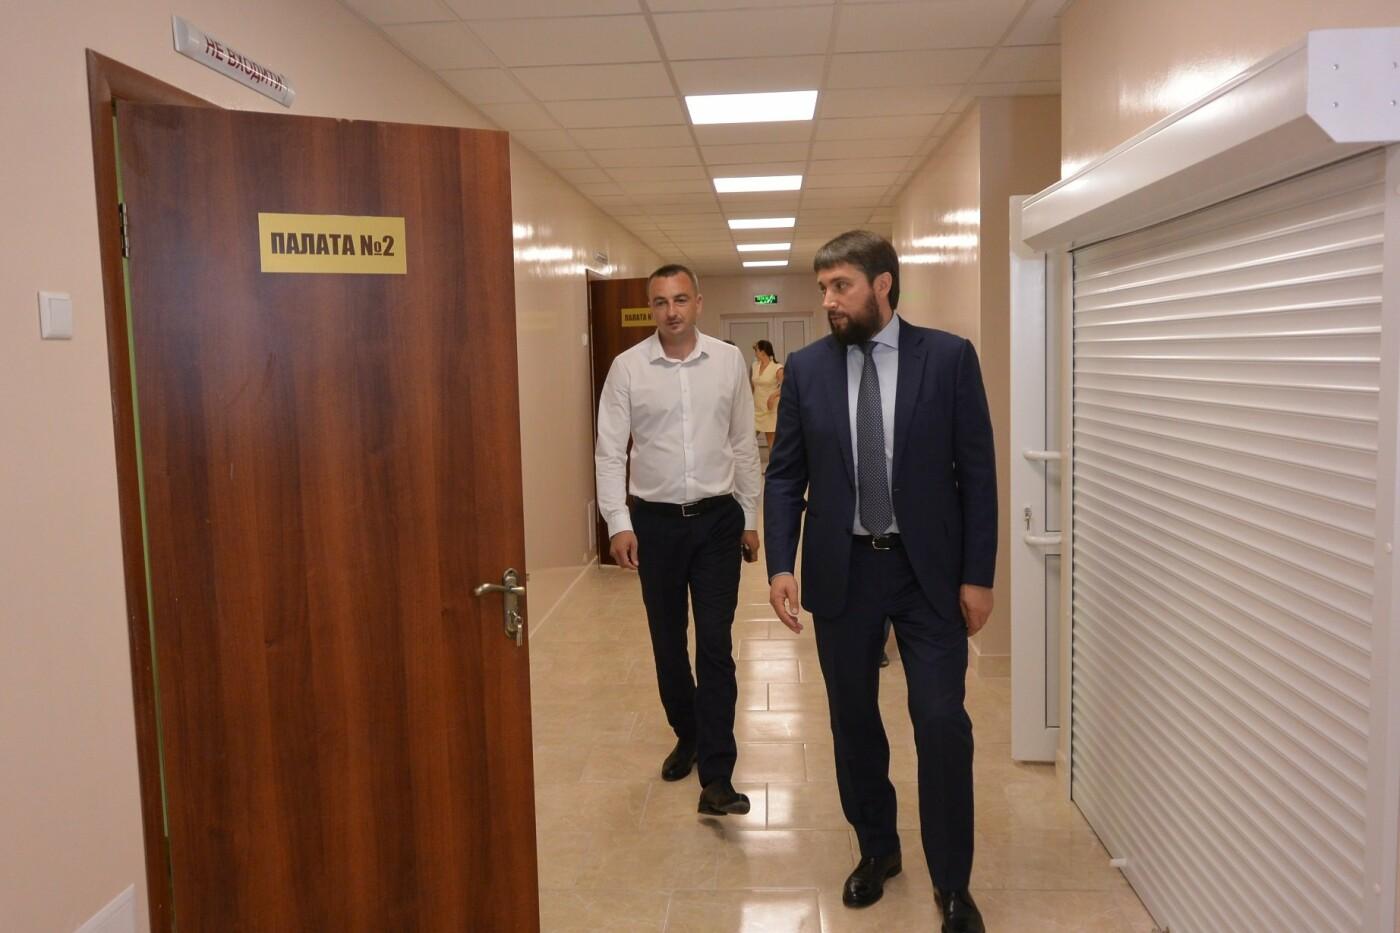 Партнерство для развития громады: ЦГОК подписал договор о сотрудничестве с властями Петровского района, фото-3